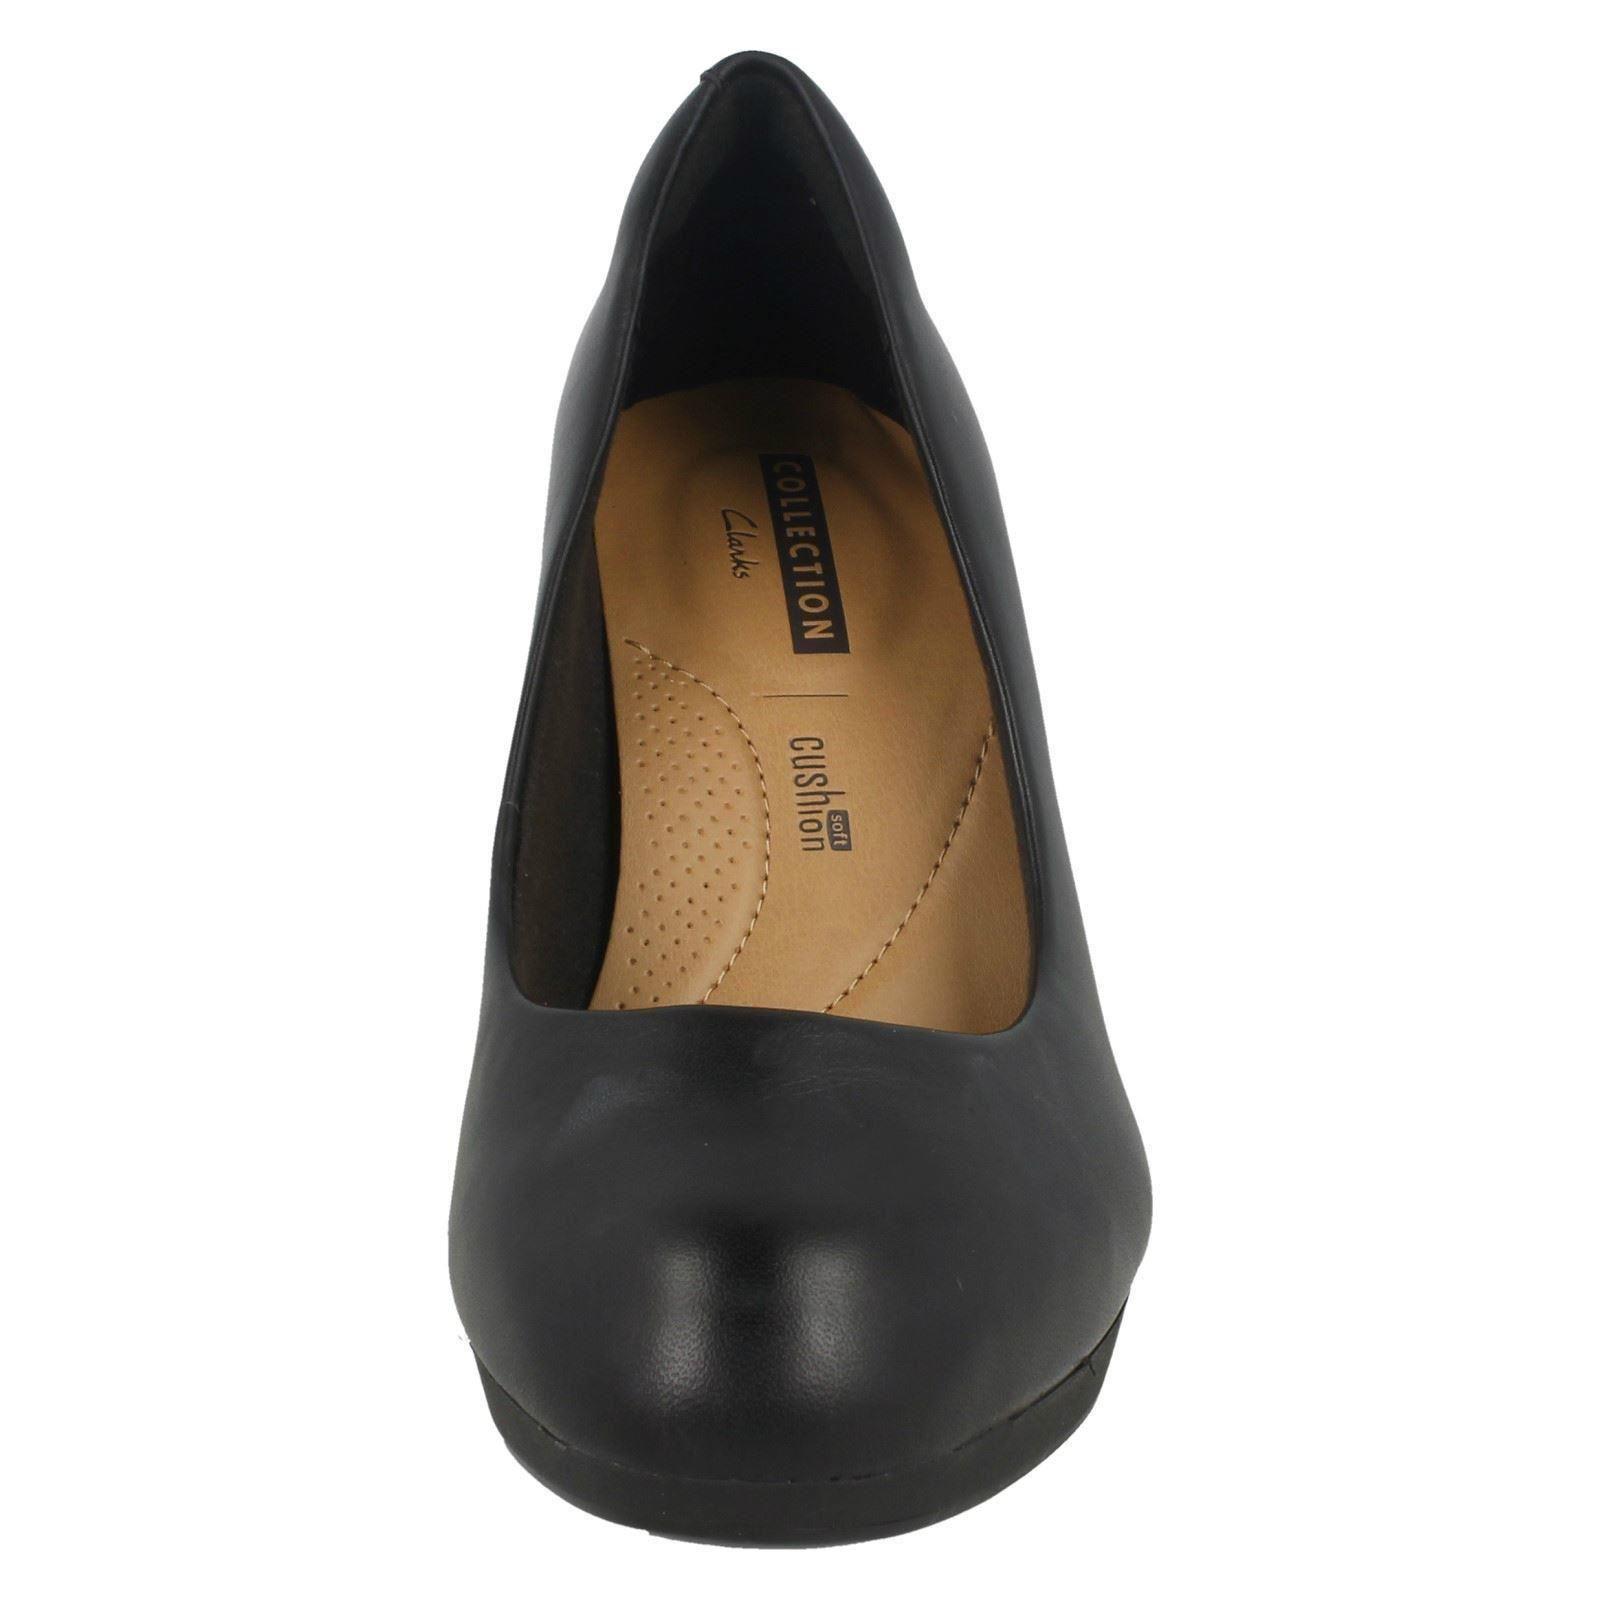 Damas Clarks Zapatos Zapatos Zapatos Taco inteligente Tribunal Estilo-Adriel viola fe32c1